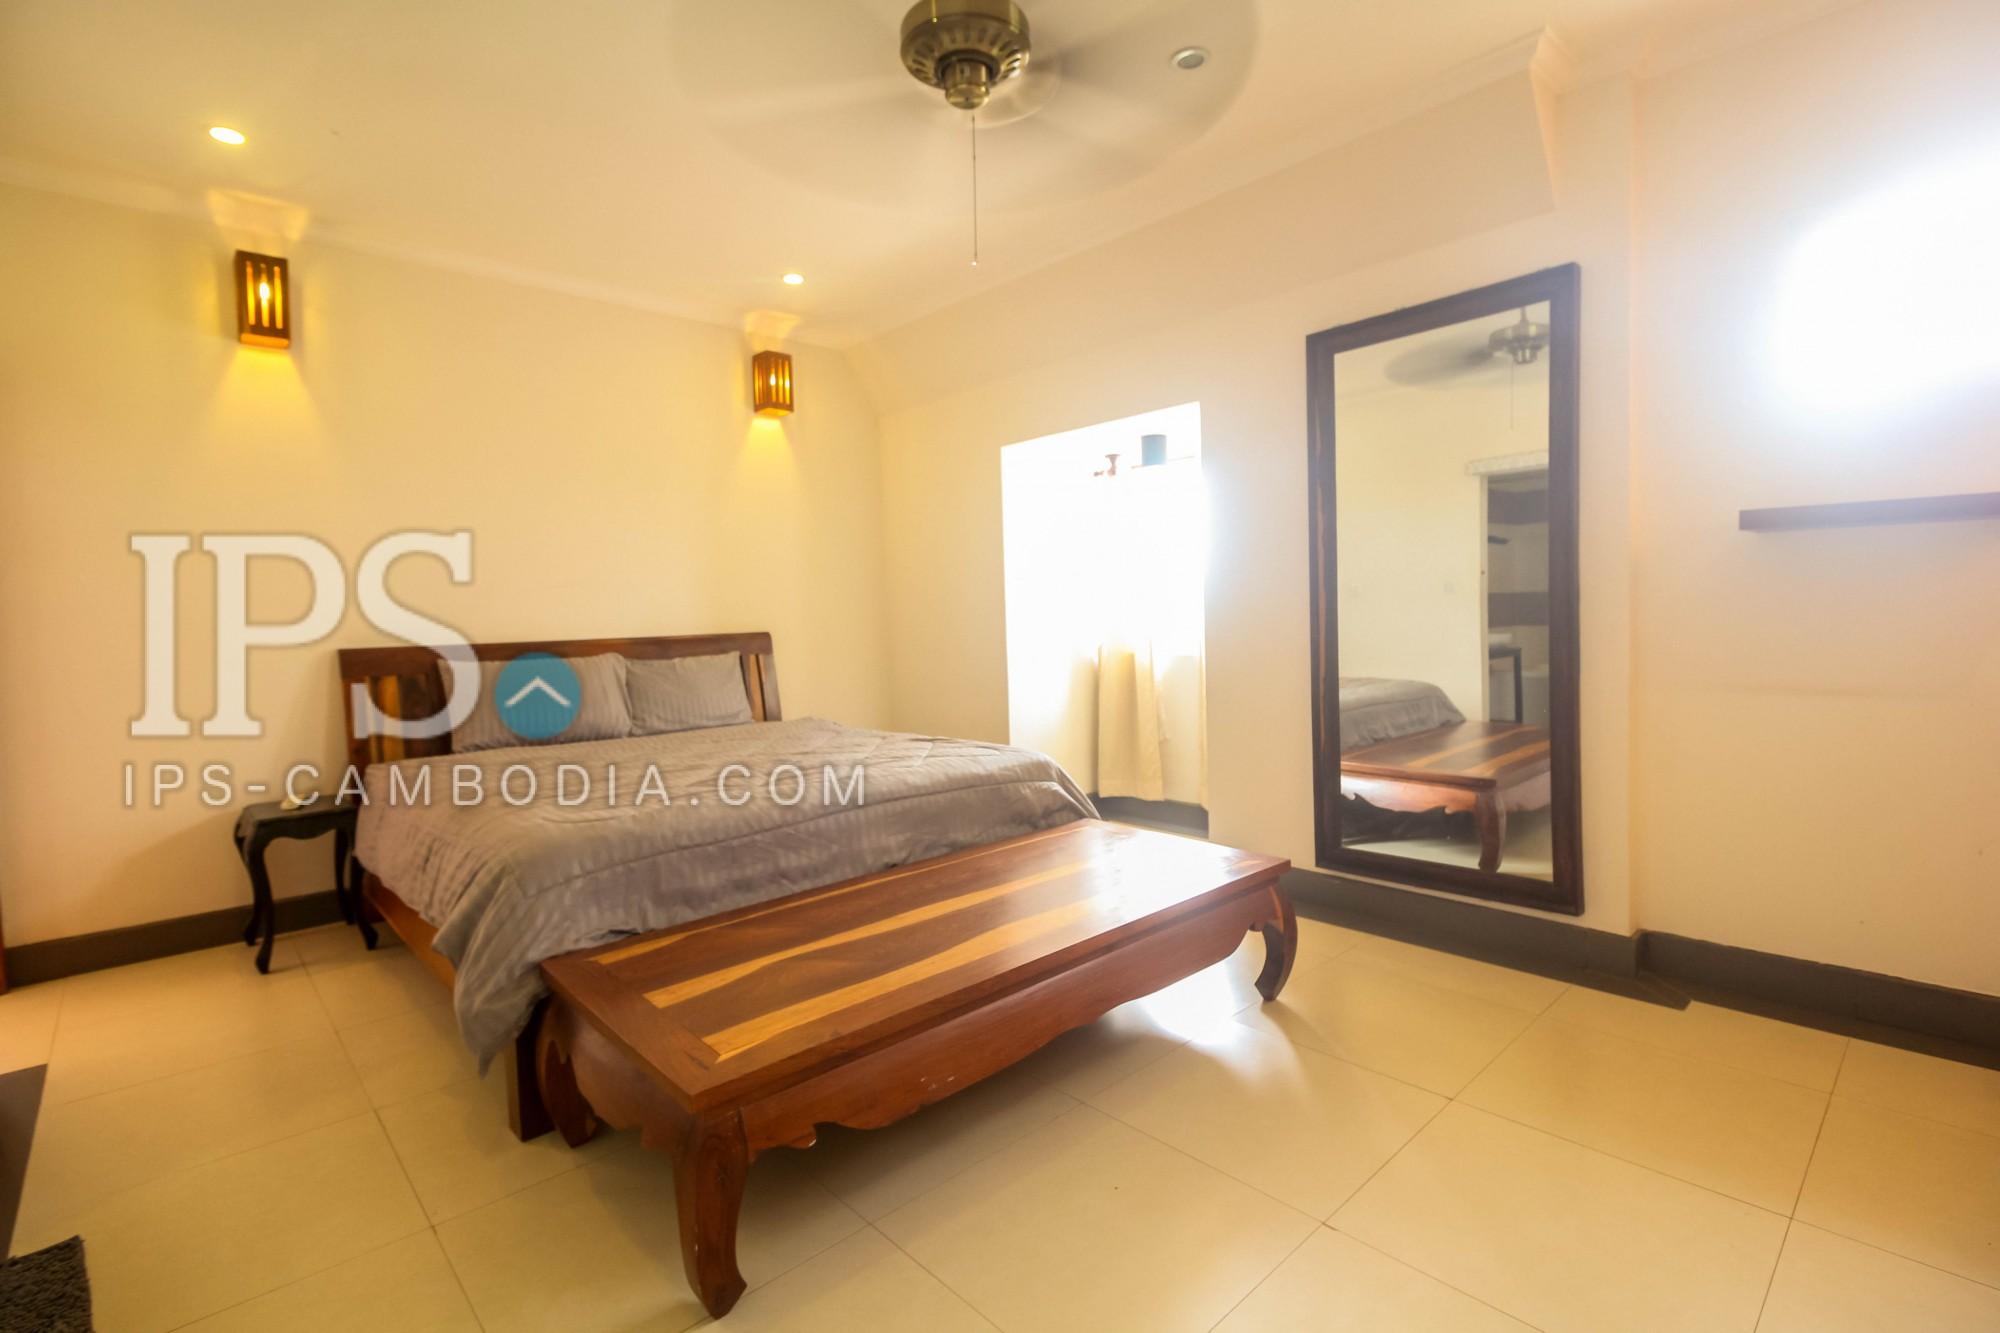 4 Bedrooms Apartment For Rent - Slor Kram, Siem Reap